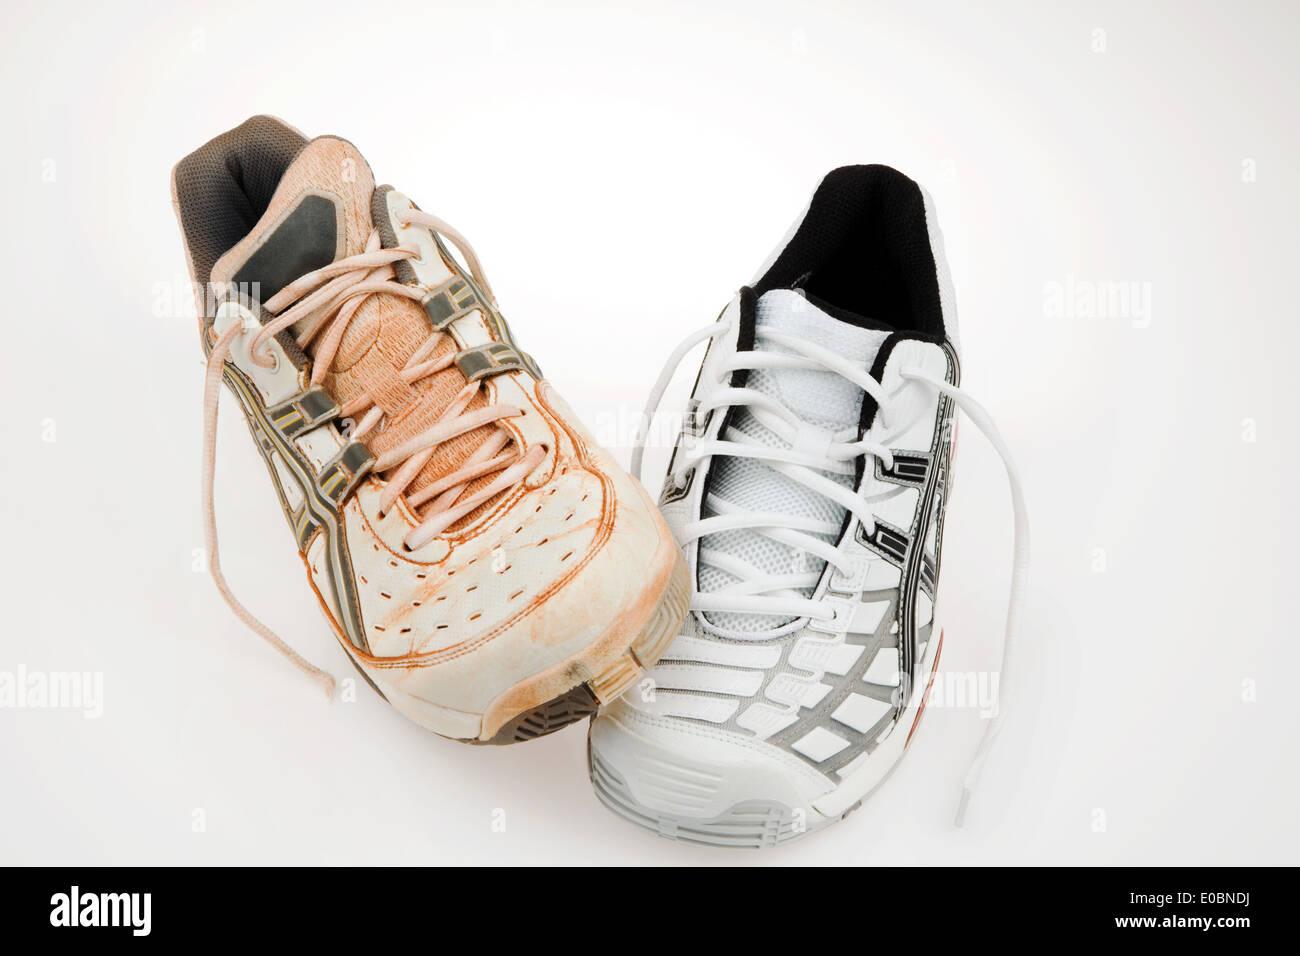 New sports shoes to the running and jogging on white background, Neue Sportschuhe zum Laufen und Joggen auf weissem Hintergrund - Stock Image